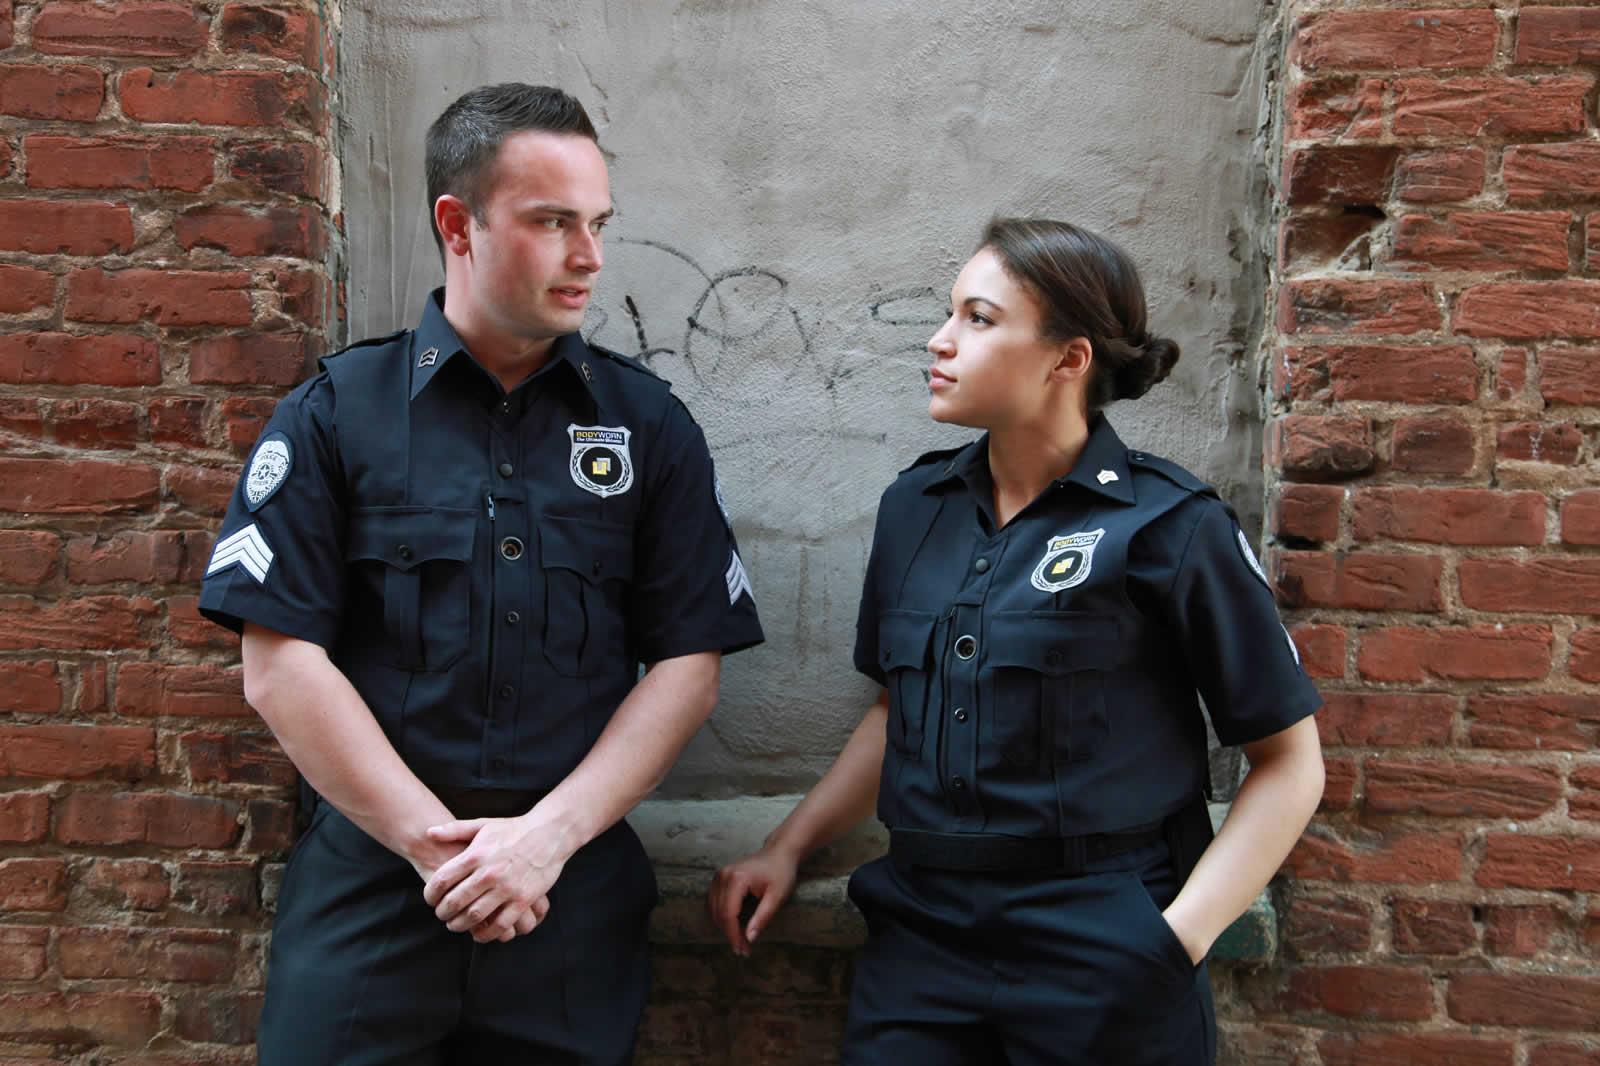 Louer les services d'un policier